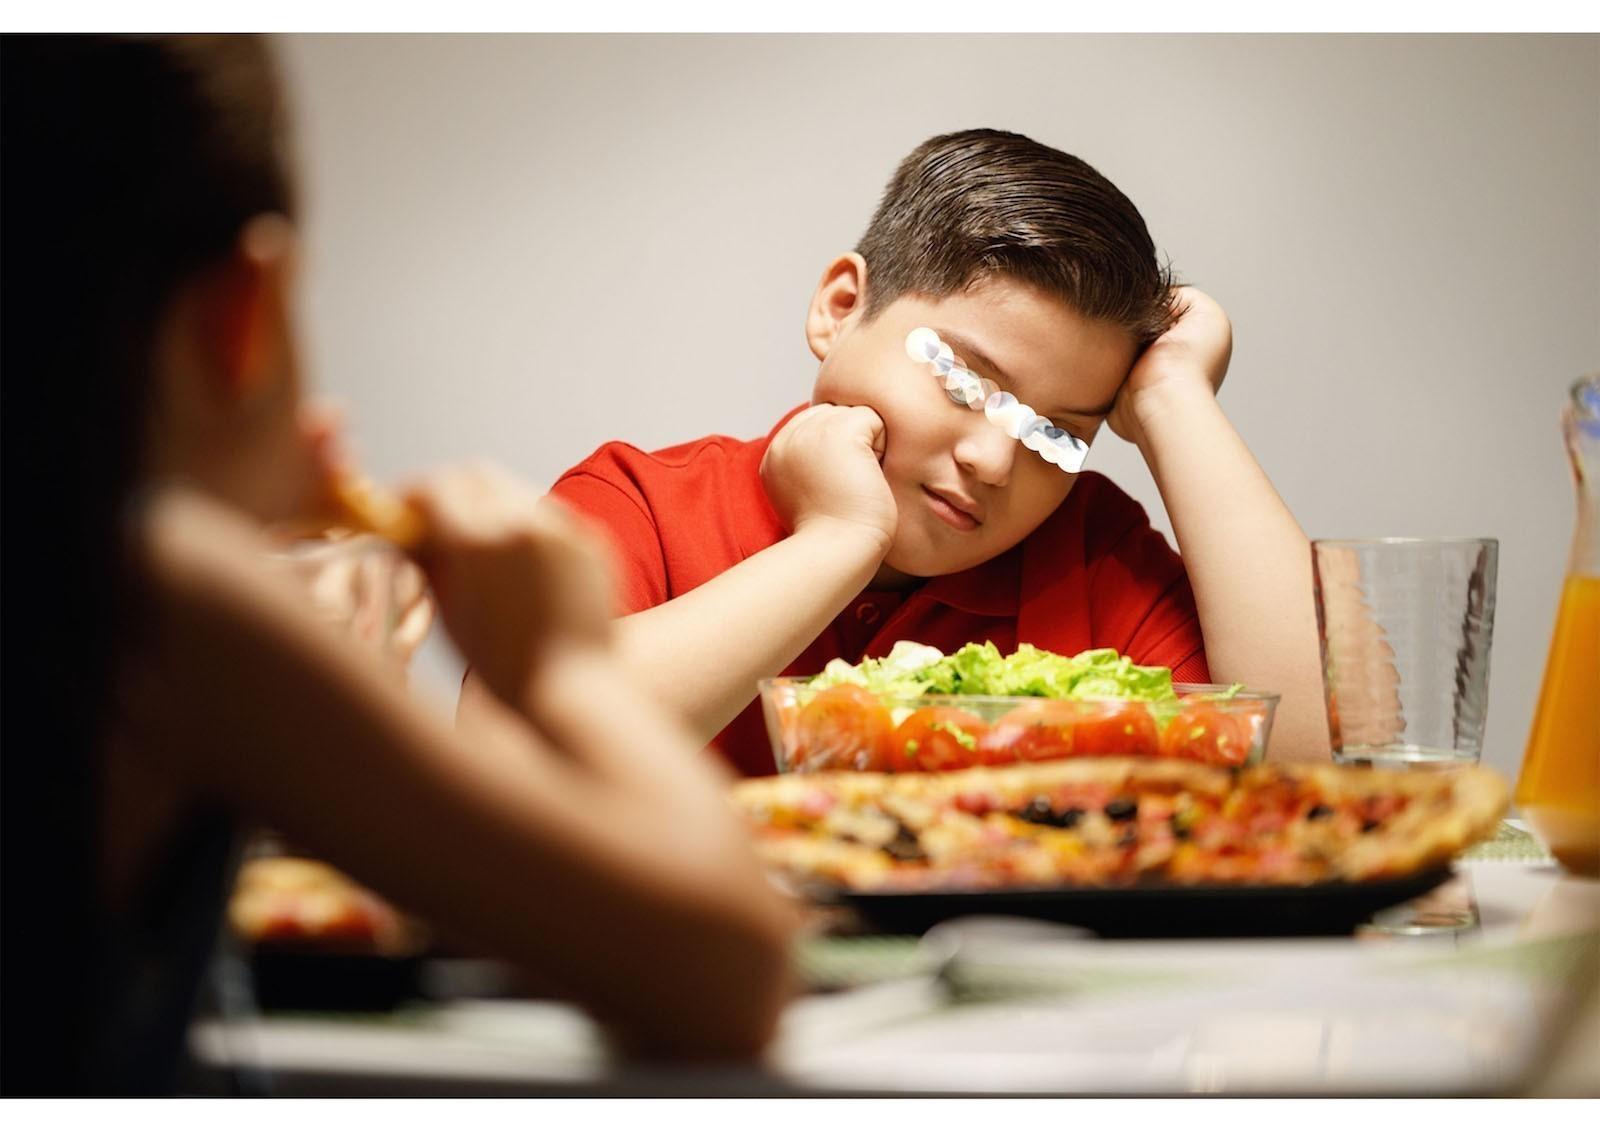 Obesità infantile aumenta il rischio di ispessimento delle arteria carotide da adulti